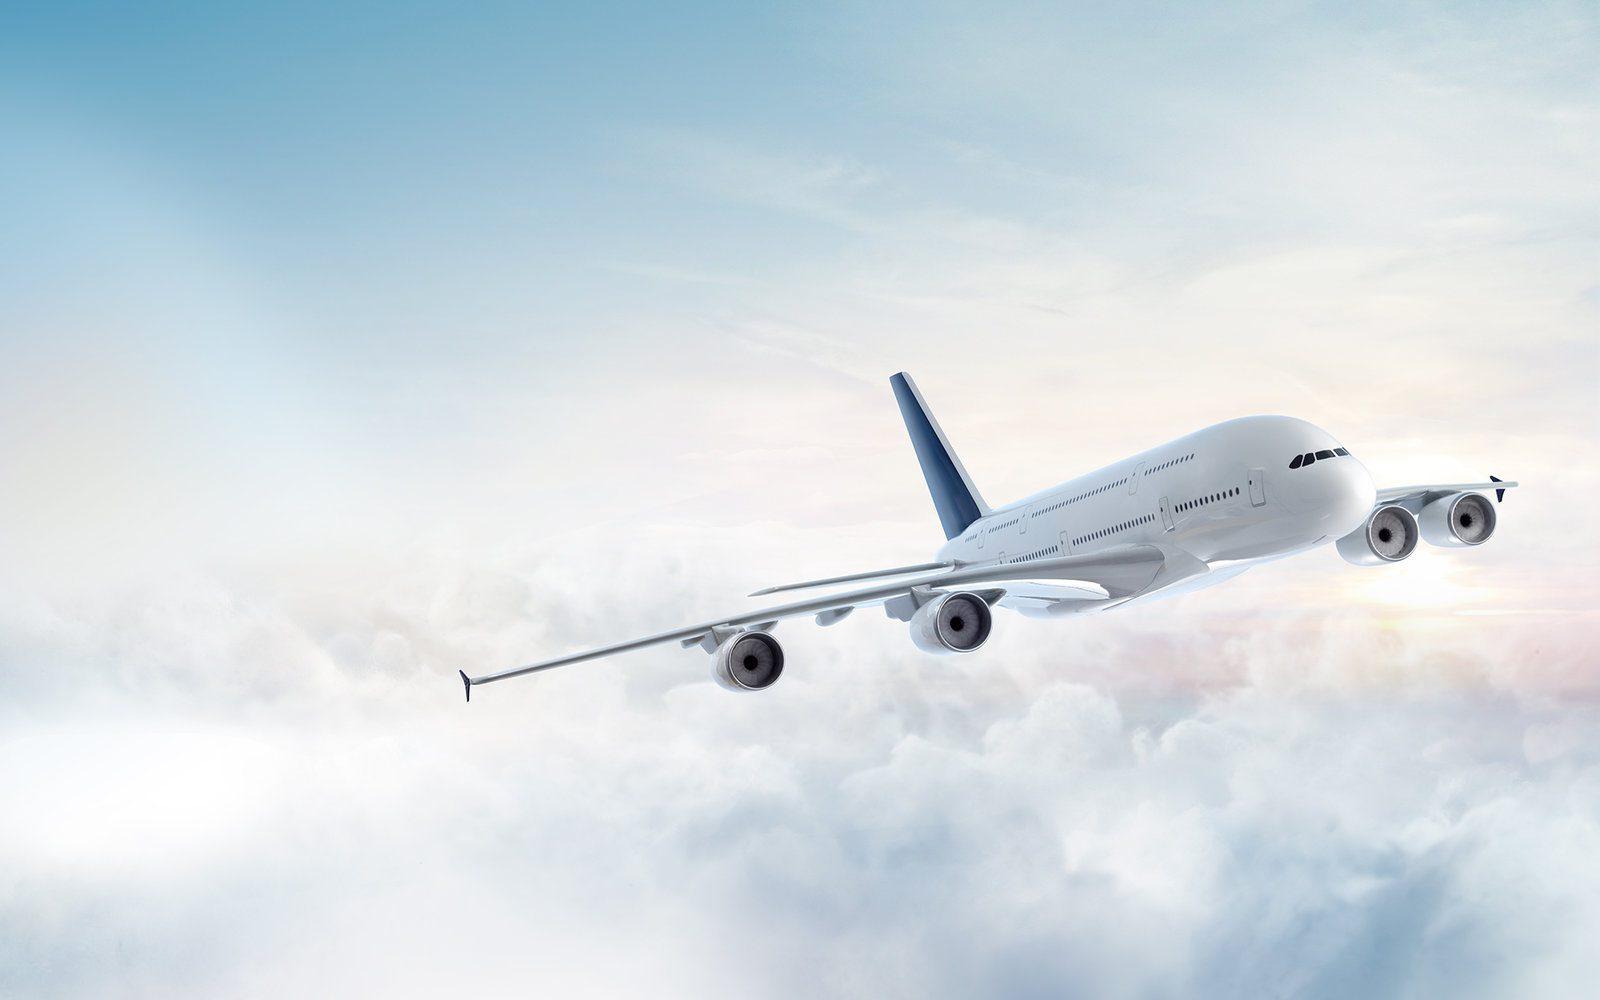 acheter une licence d'aviation à Dubaï